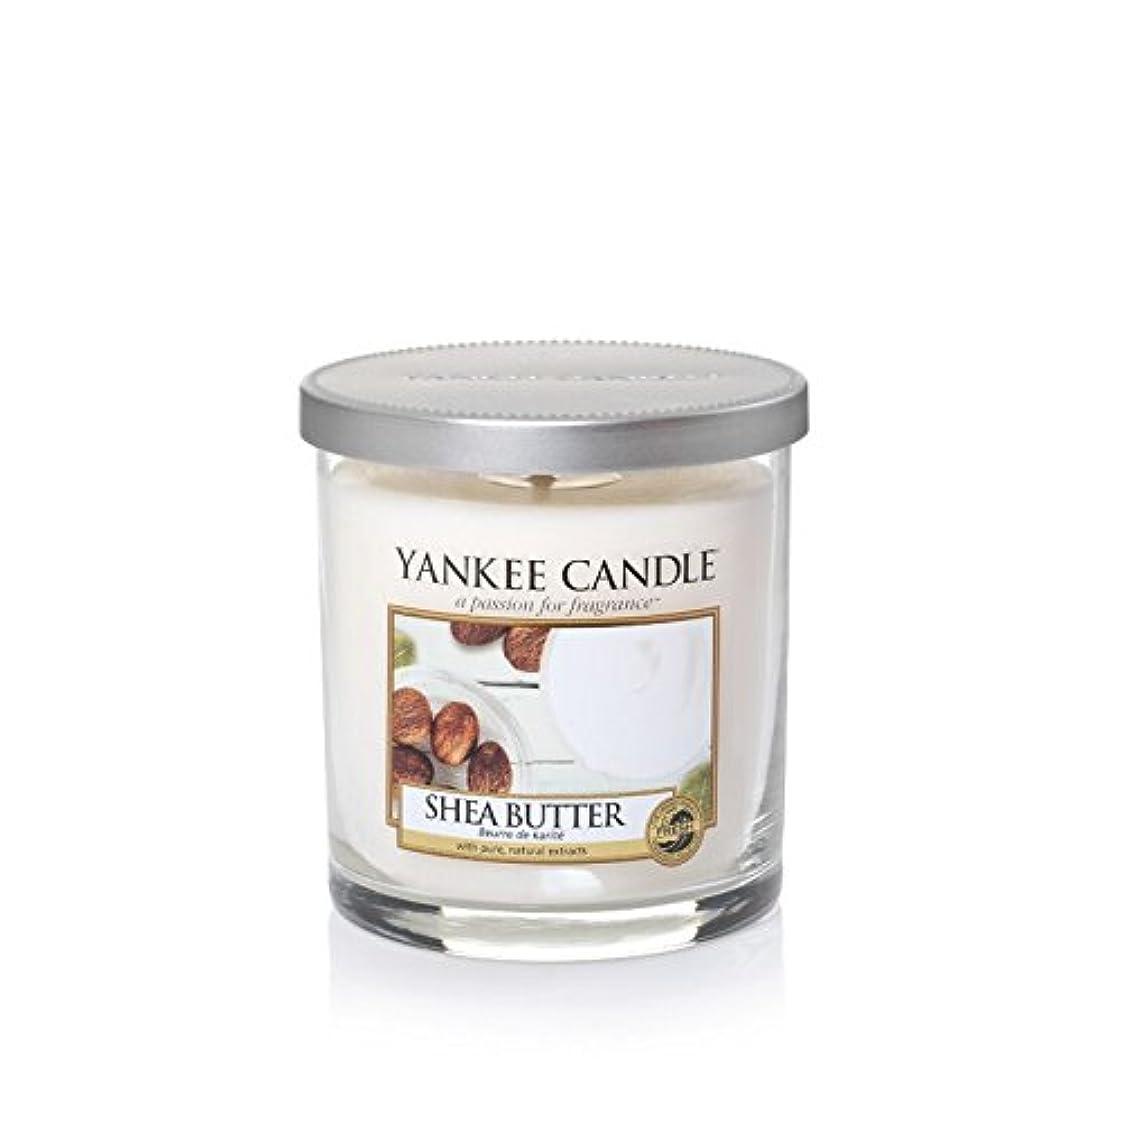 修士号コスト却下するYankee Candles Small Pillar Candle - Shea Butter (Pack of 6) - ヤンキーキャンドルの小さな柱キャンドル - シアバター (x6) [並行輸入品]